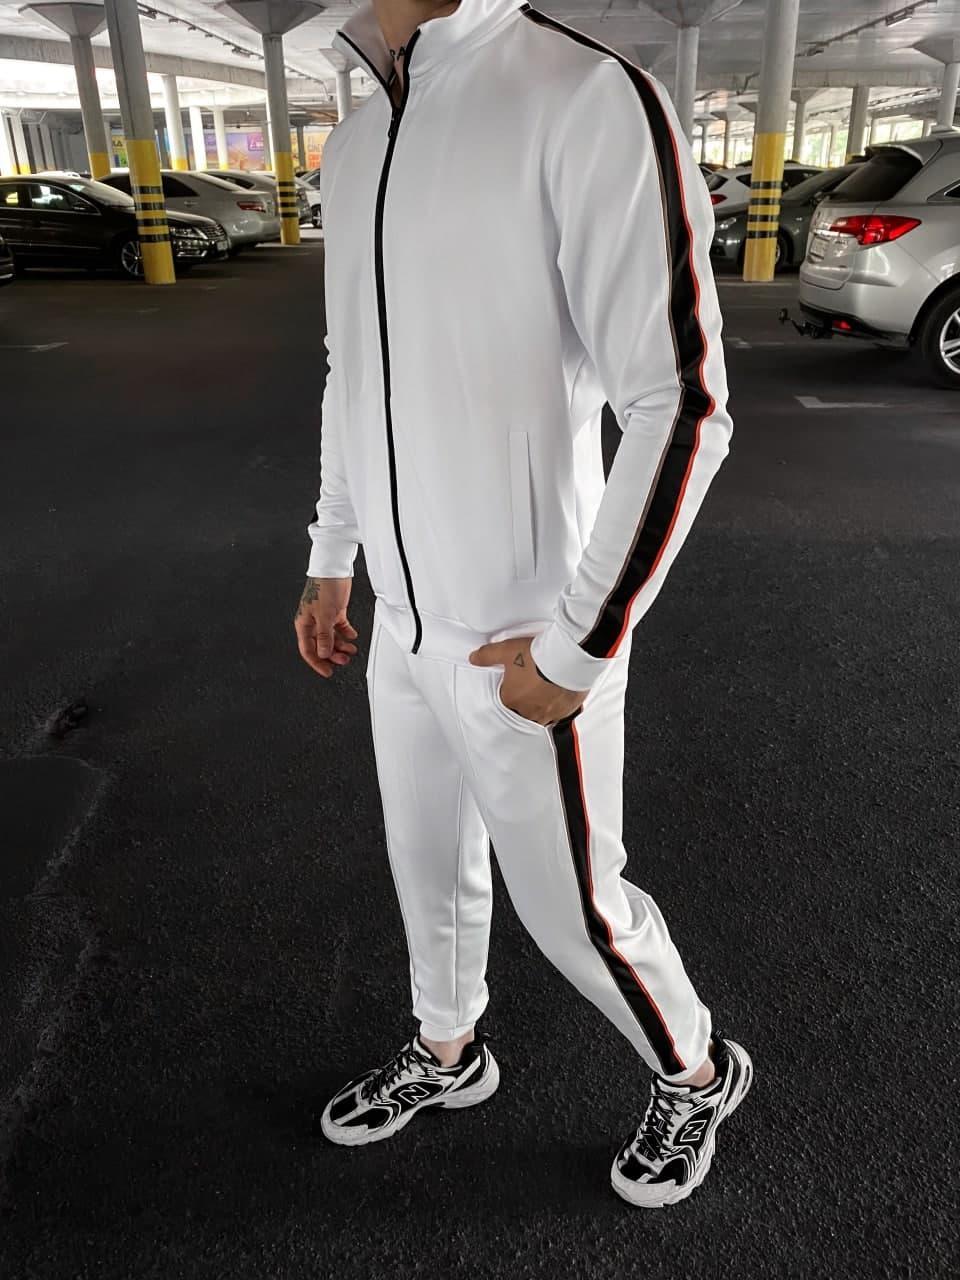 Чоловічий спортивний костюм (білі) soc72 крутий з червоними лампасами